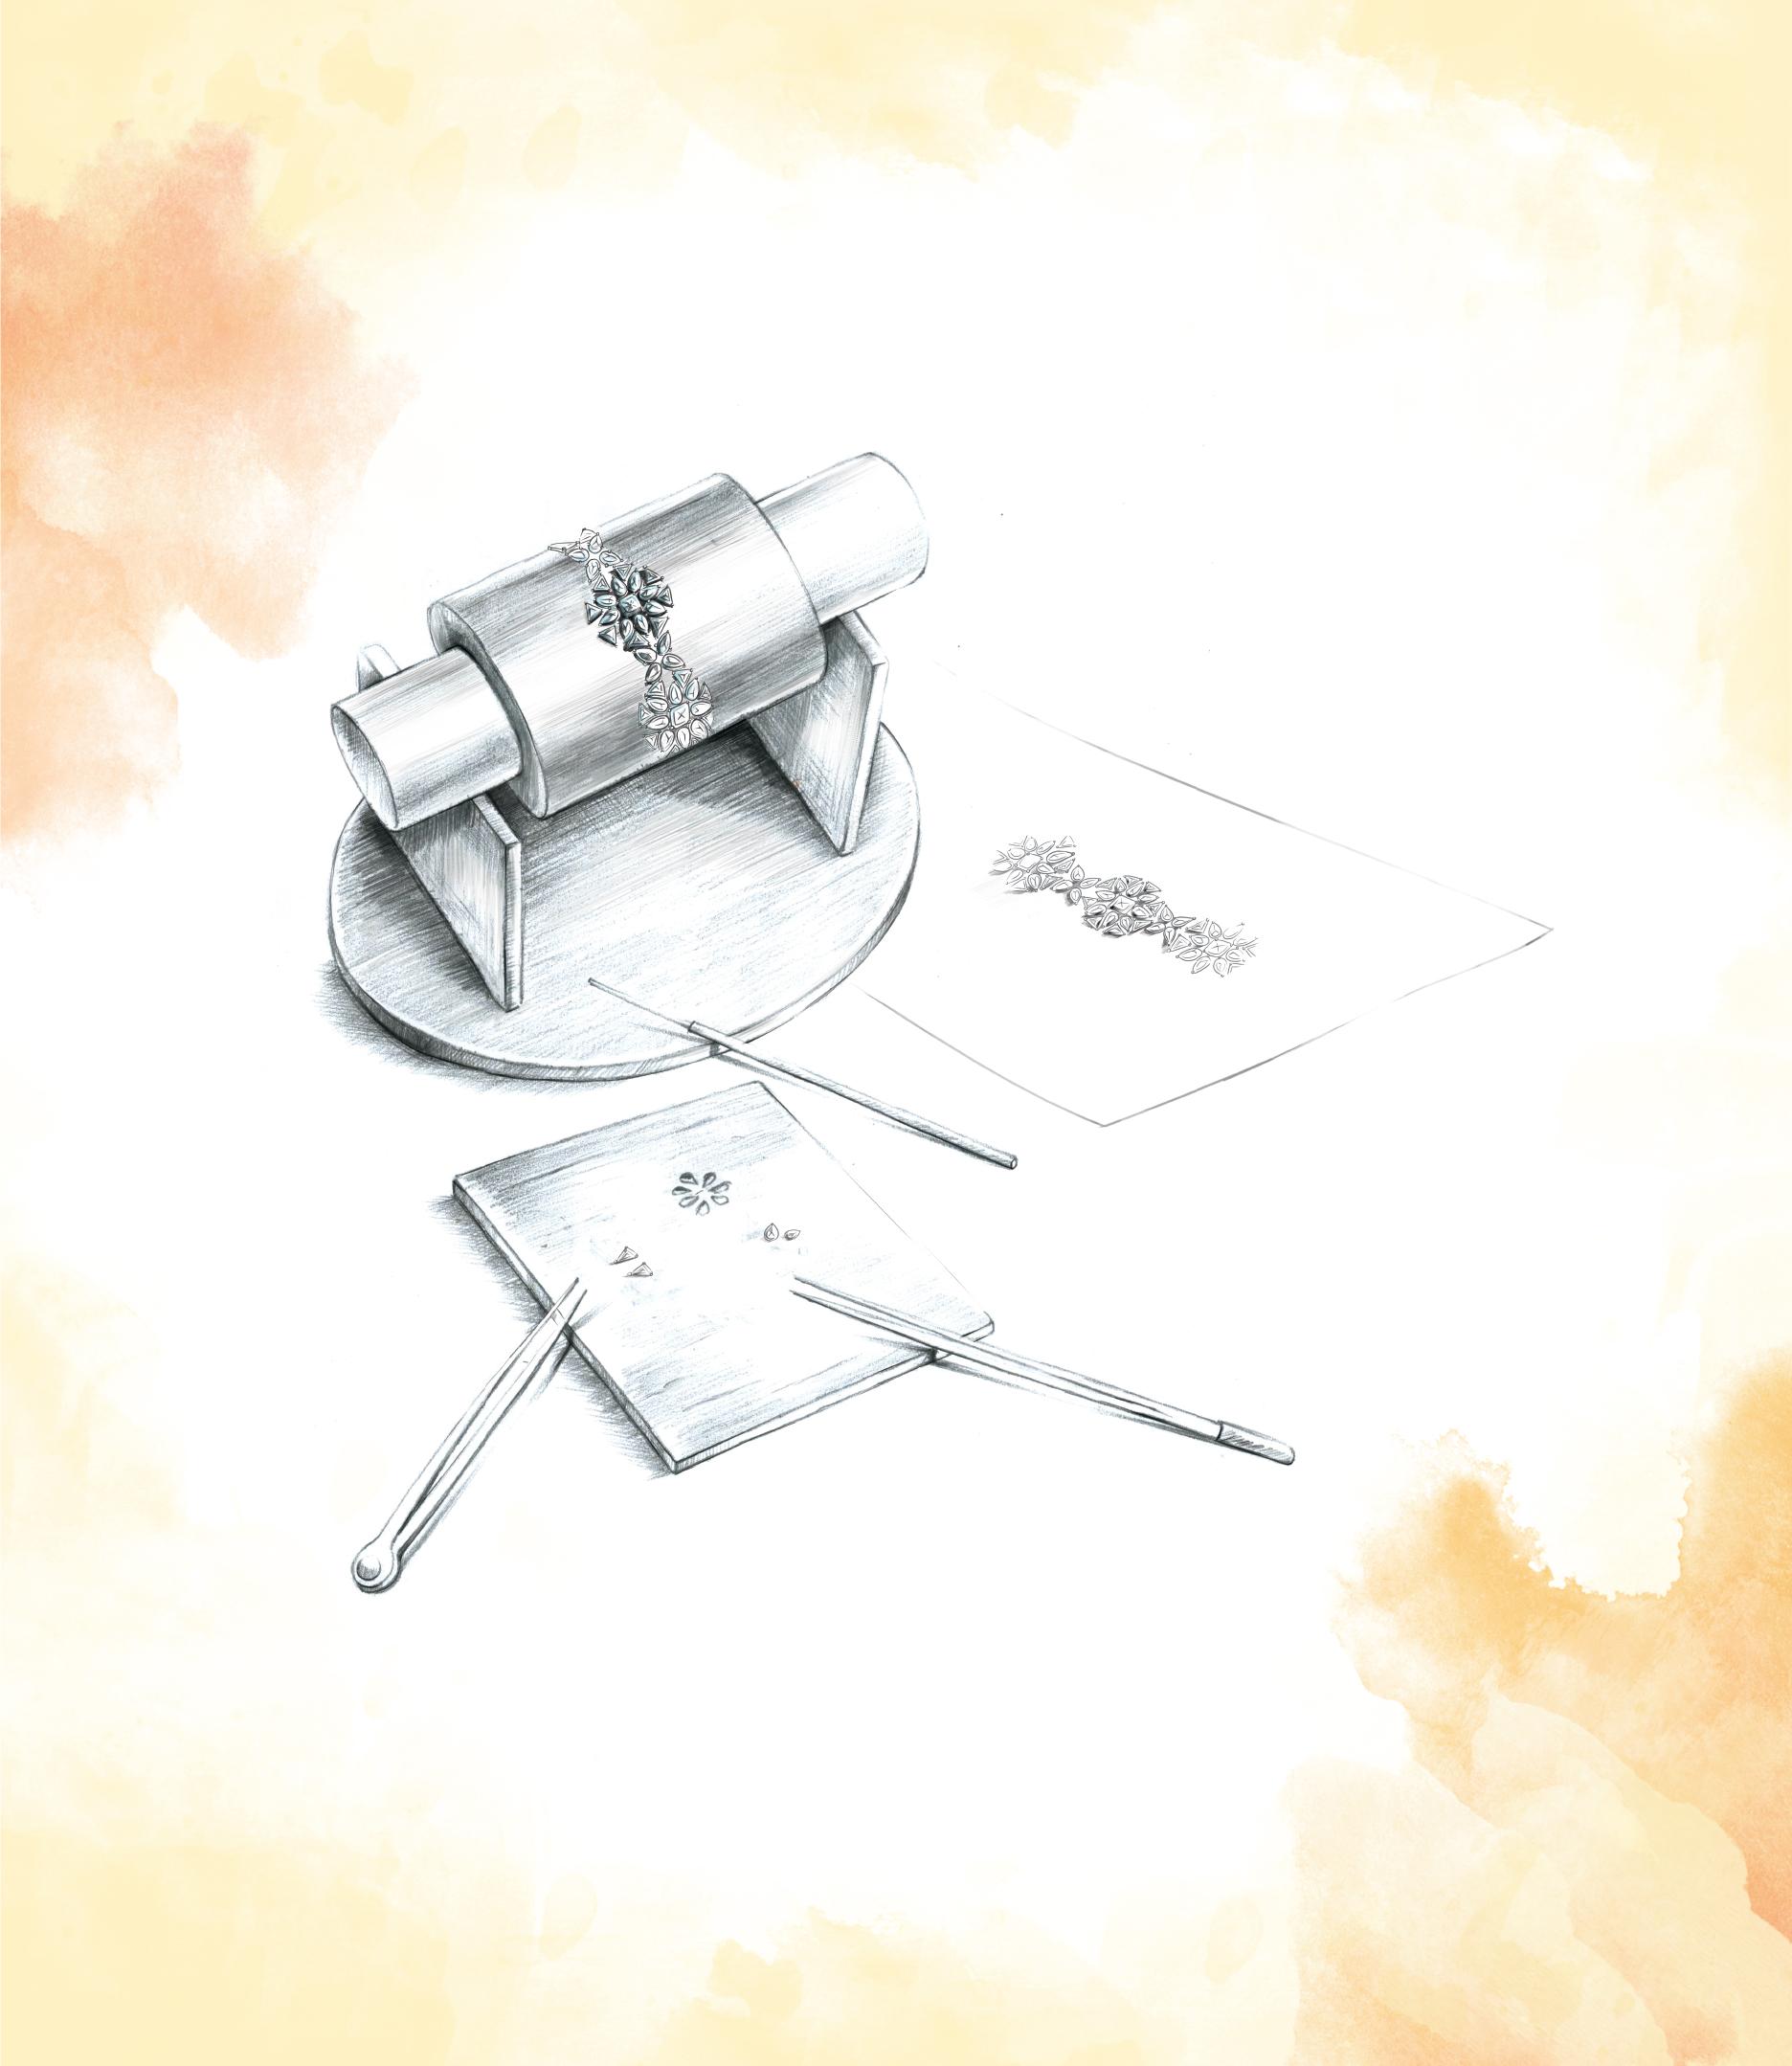 Artisanal Craftsmanship